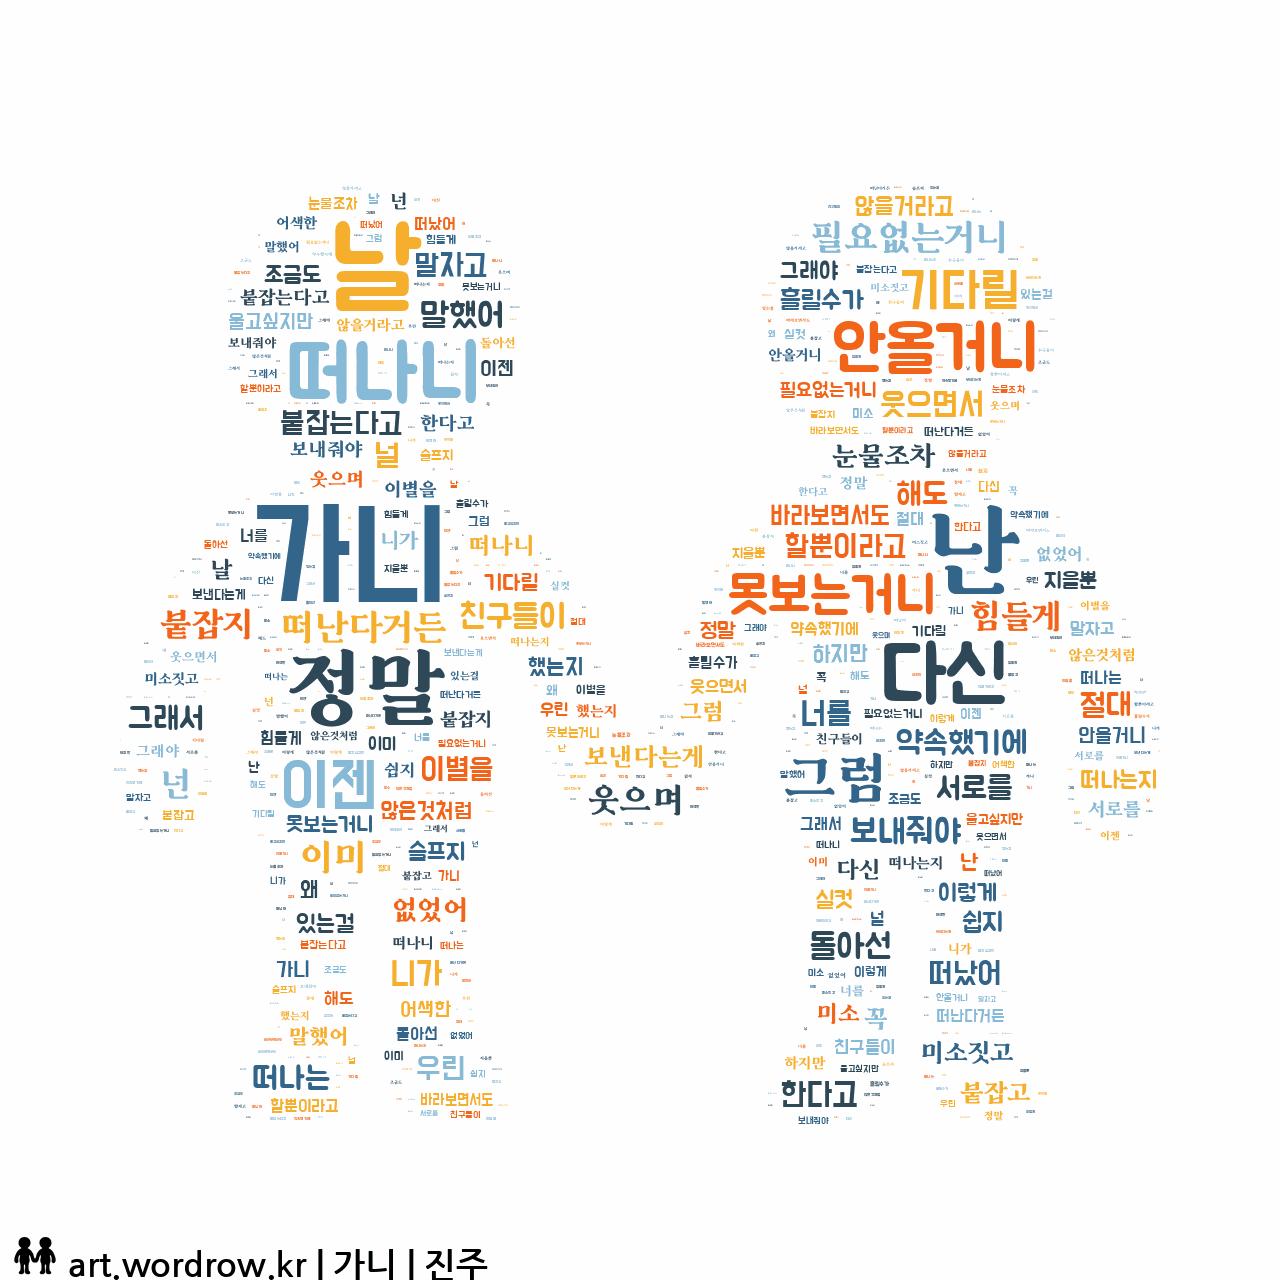 워드 클라우드: 가니 [진주]-48